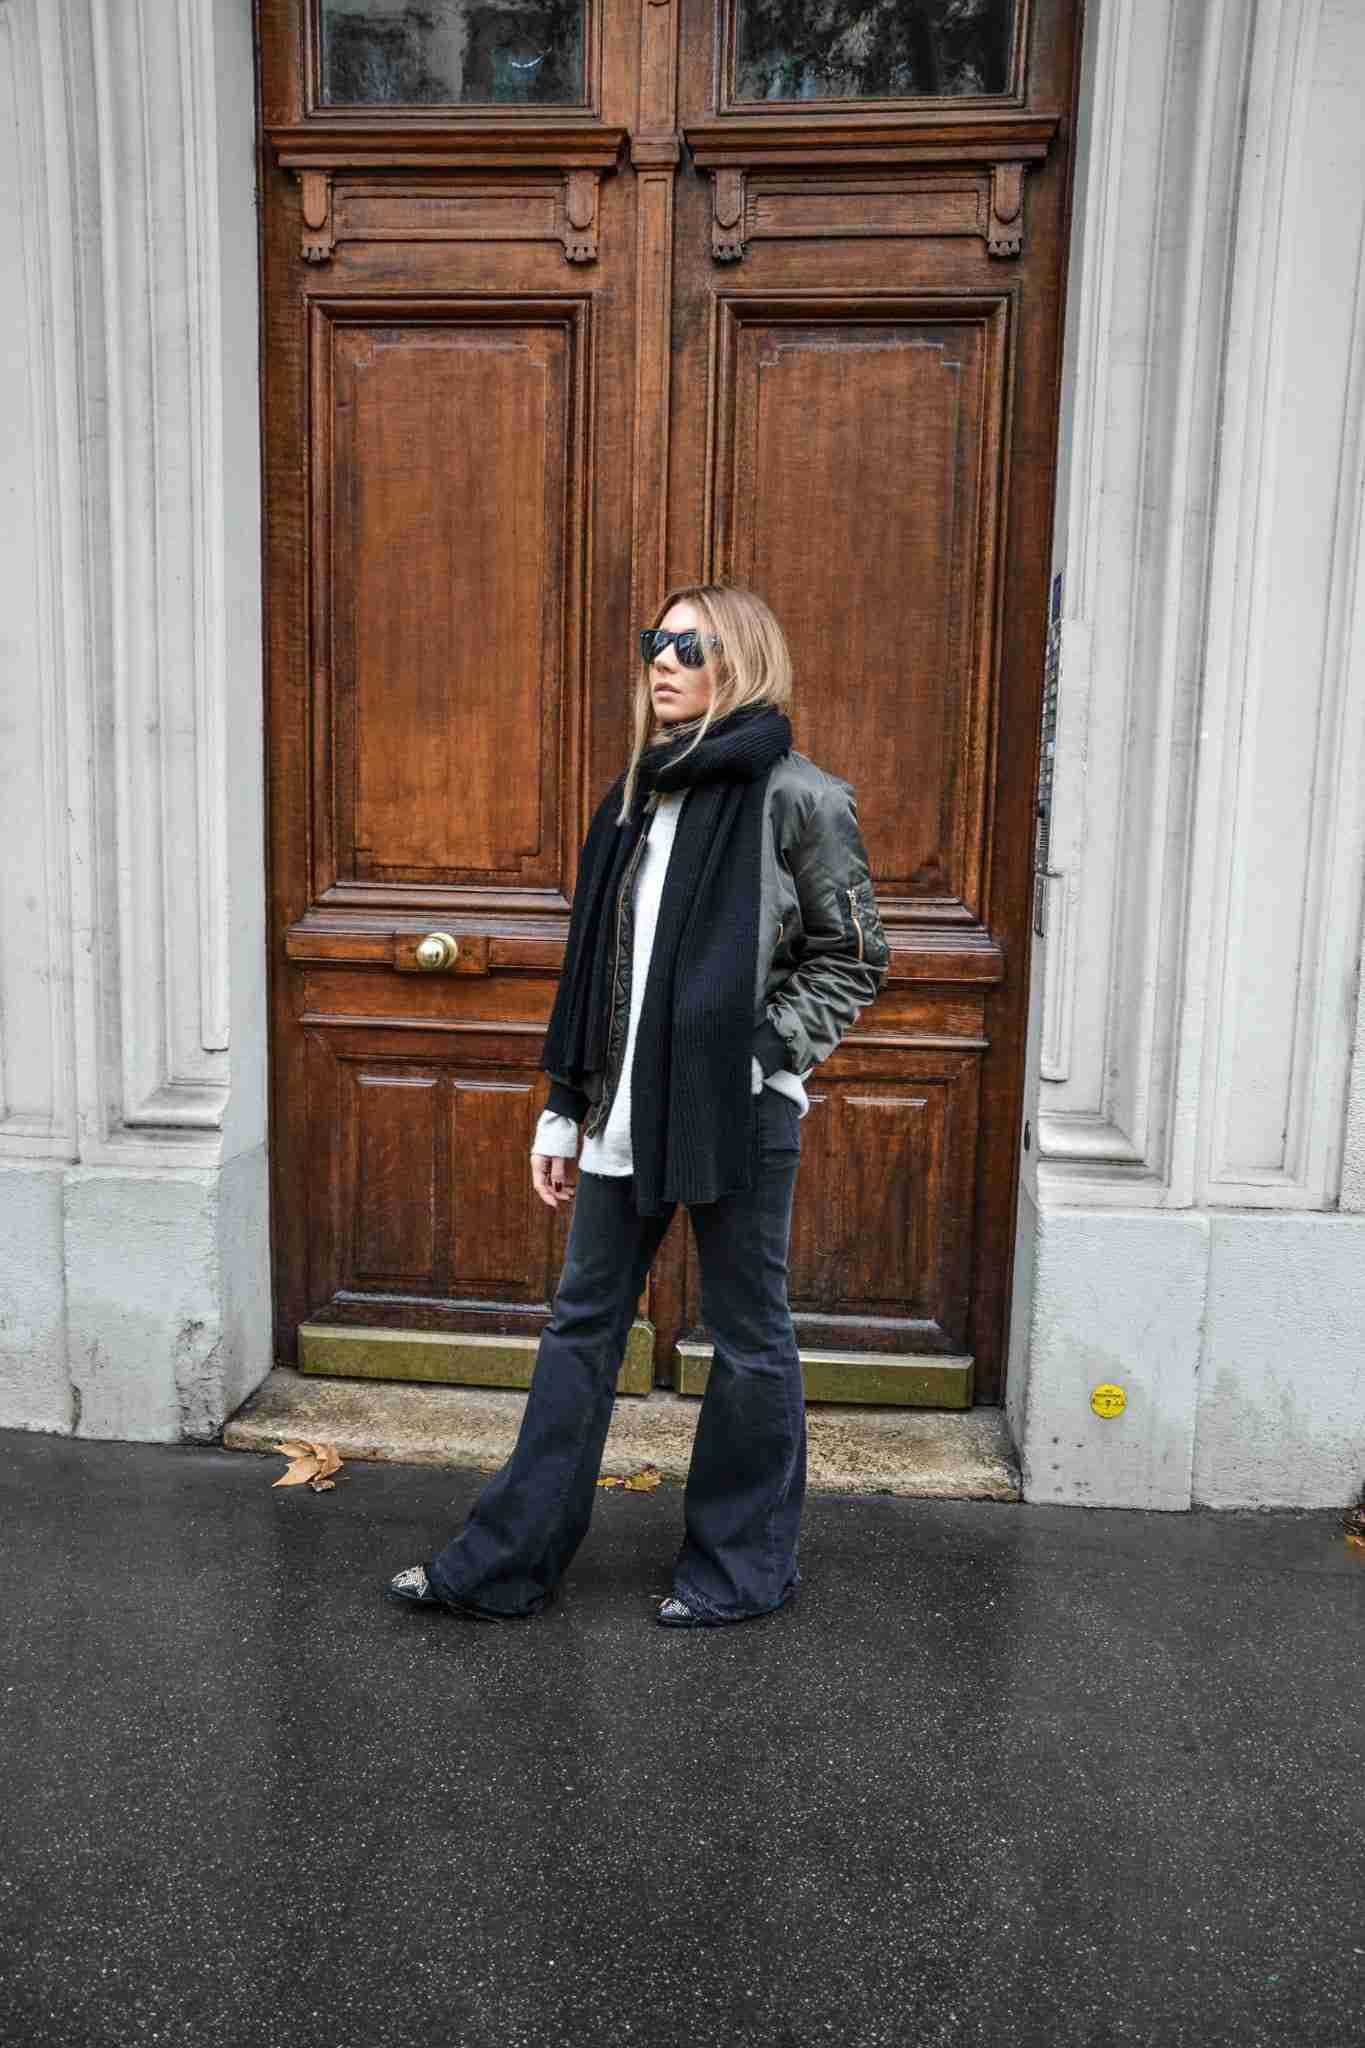 Szerokie spodnie w biało-czarnej stylizacji.